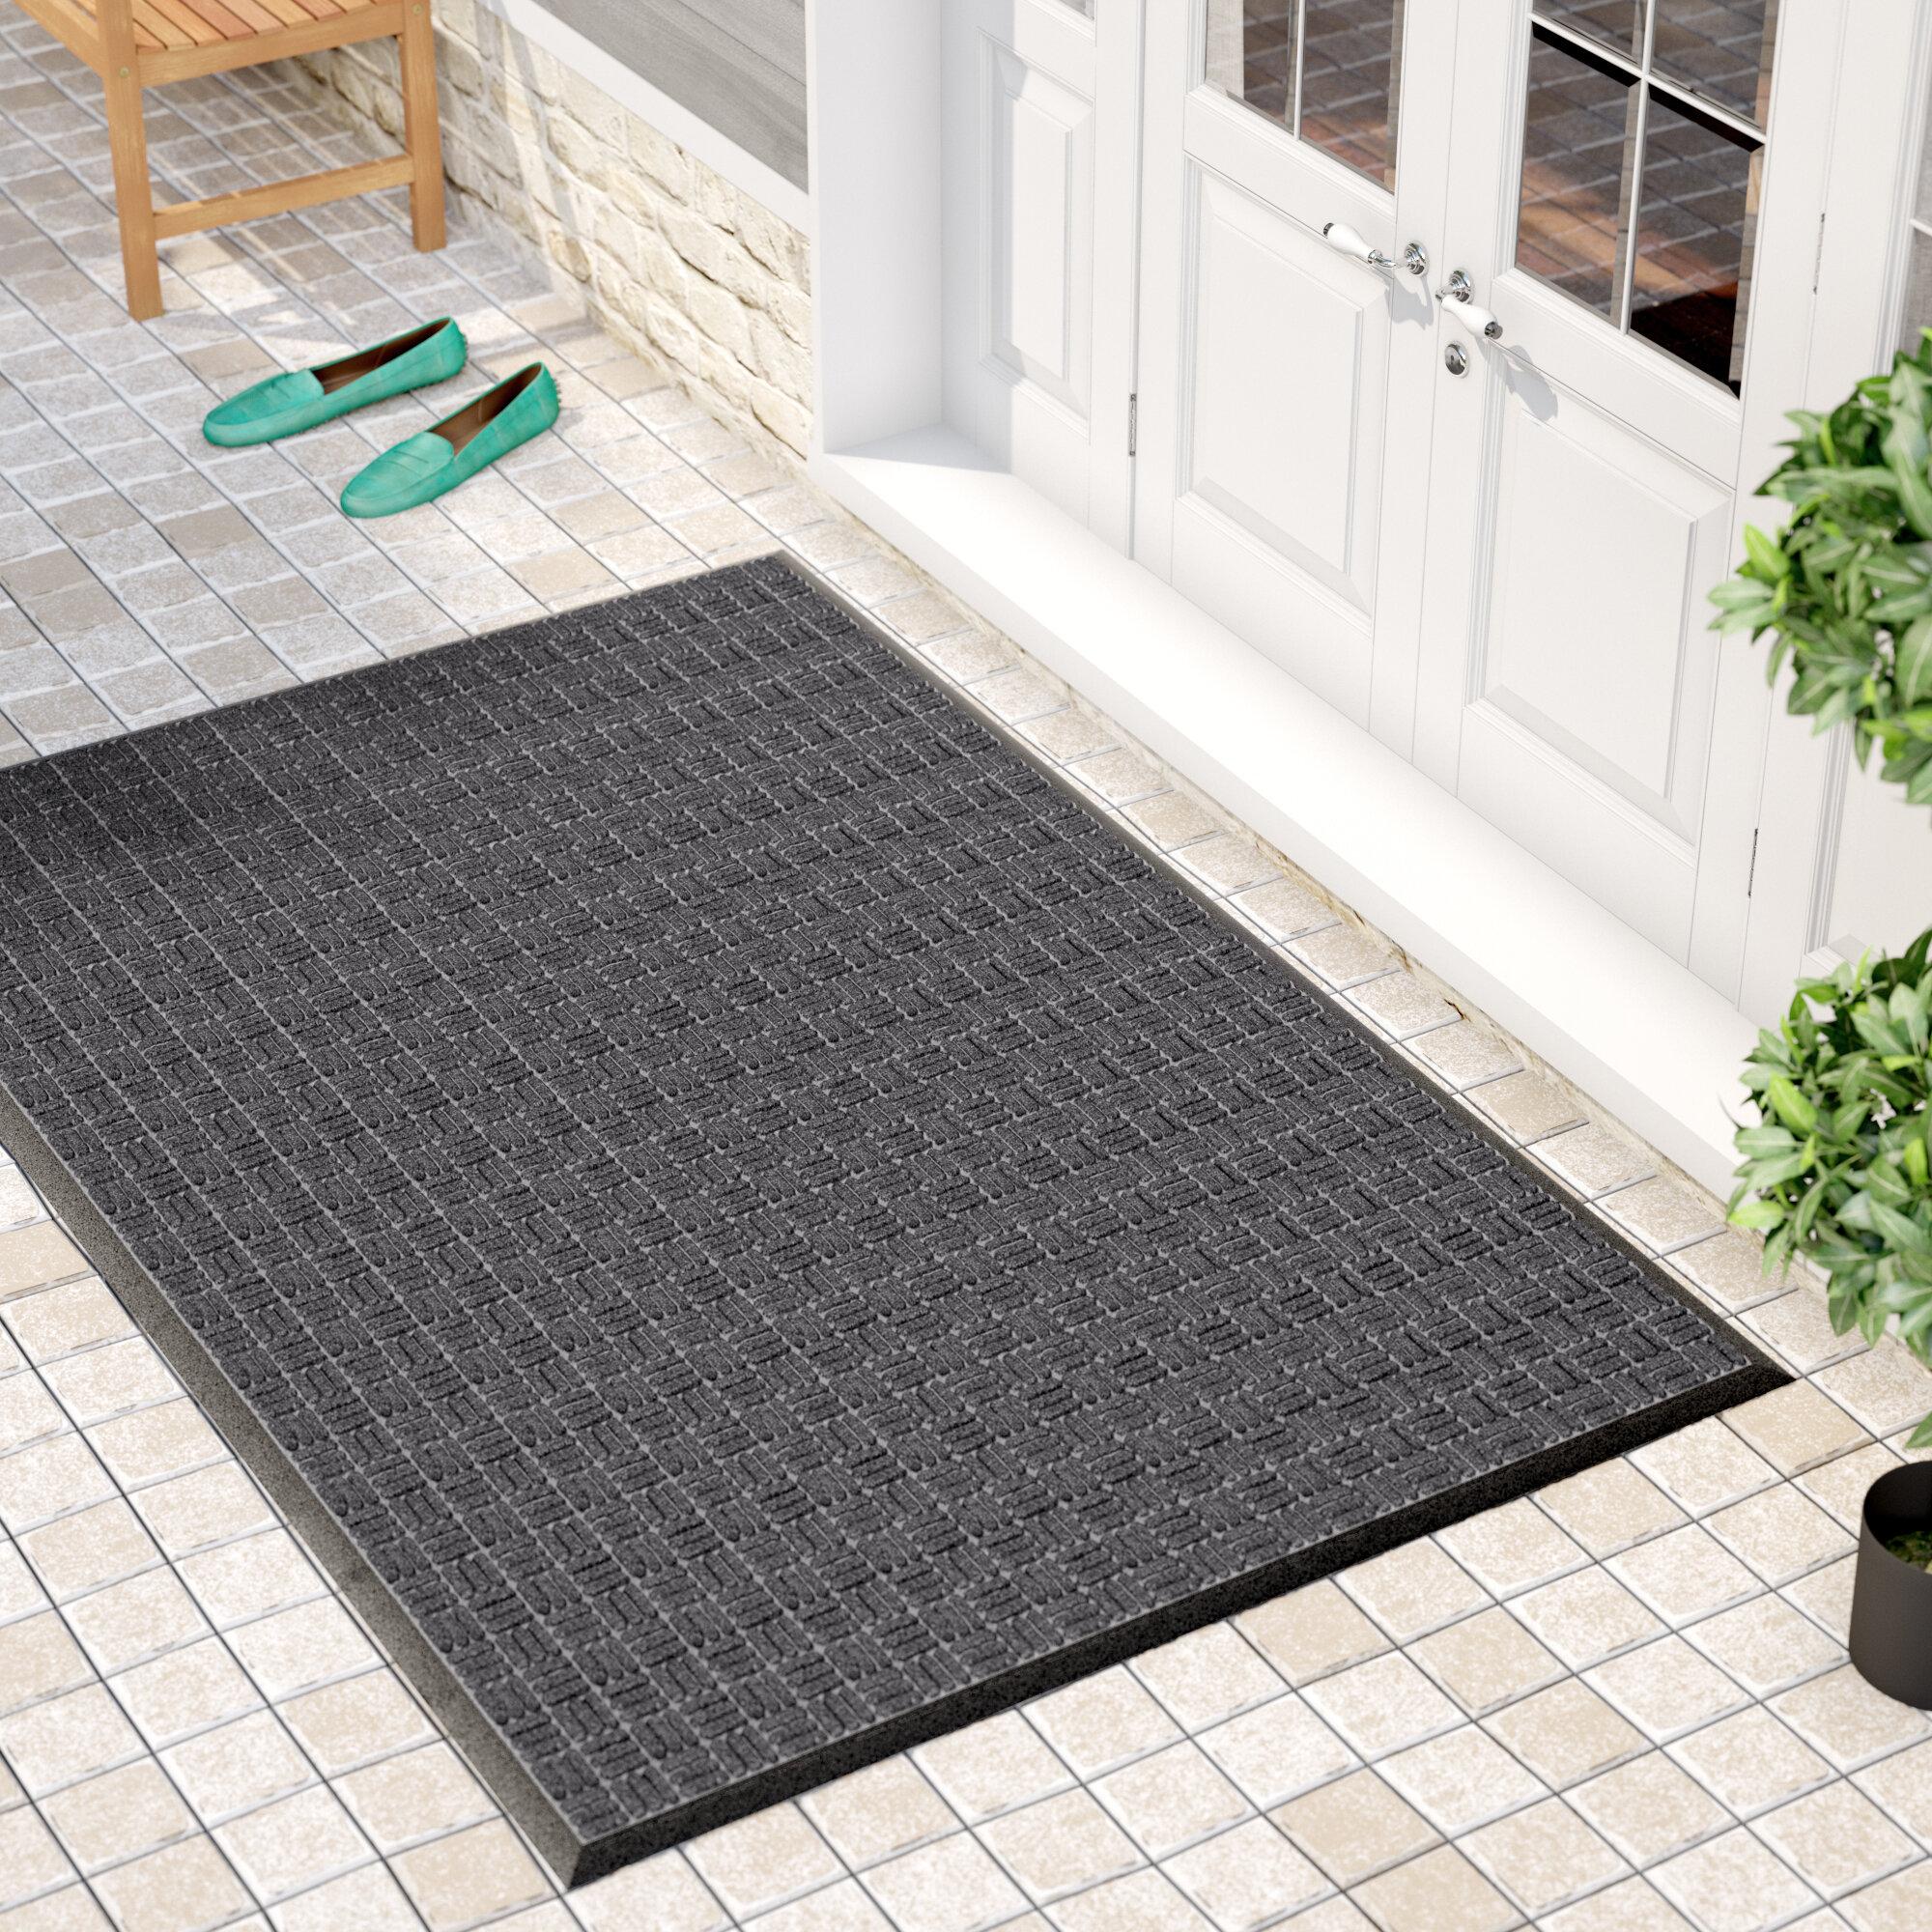 Sol 72 Outdoor Bardwell Non Slip Indoor Door Mat Reviews Wayfair Ca